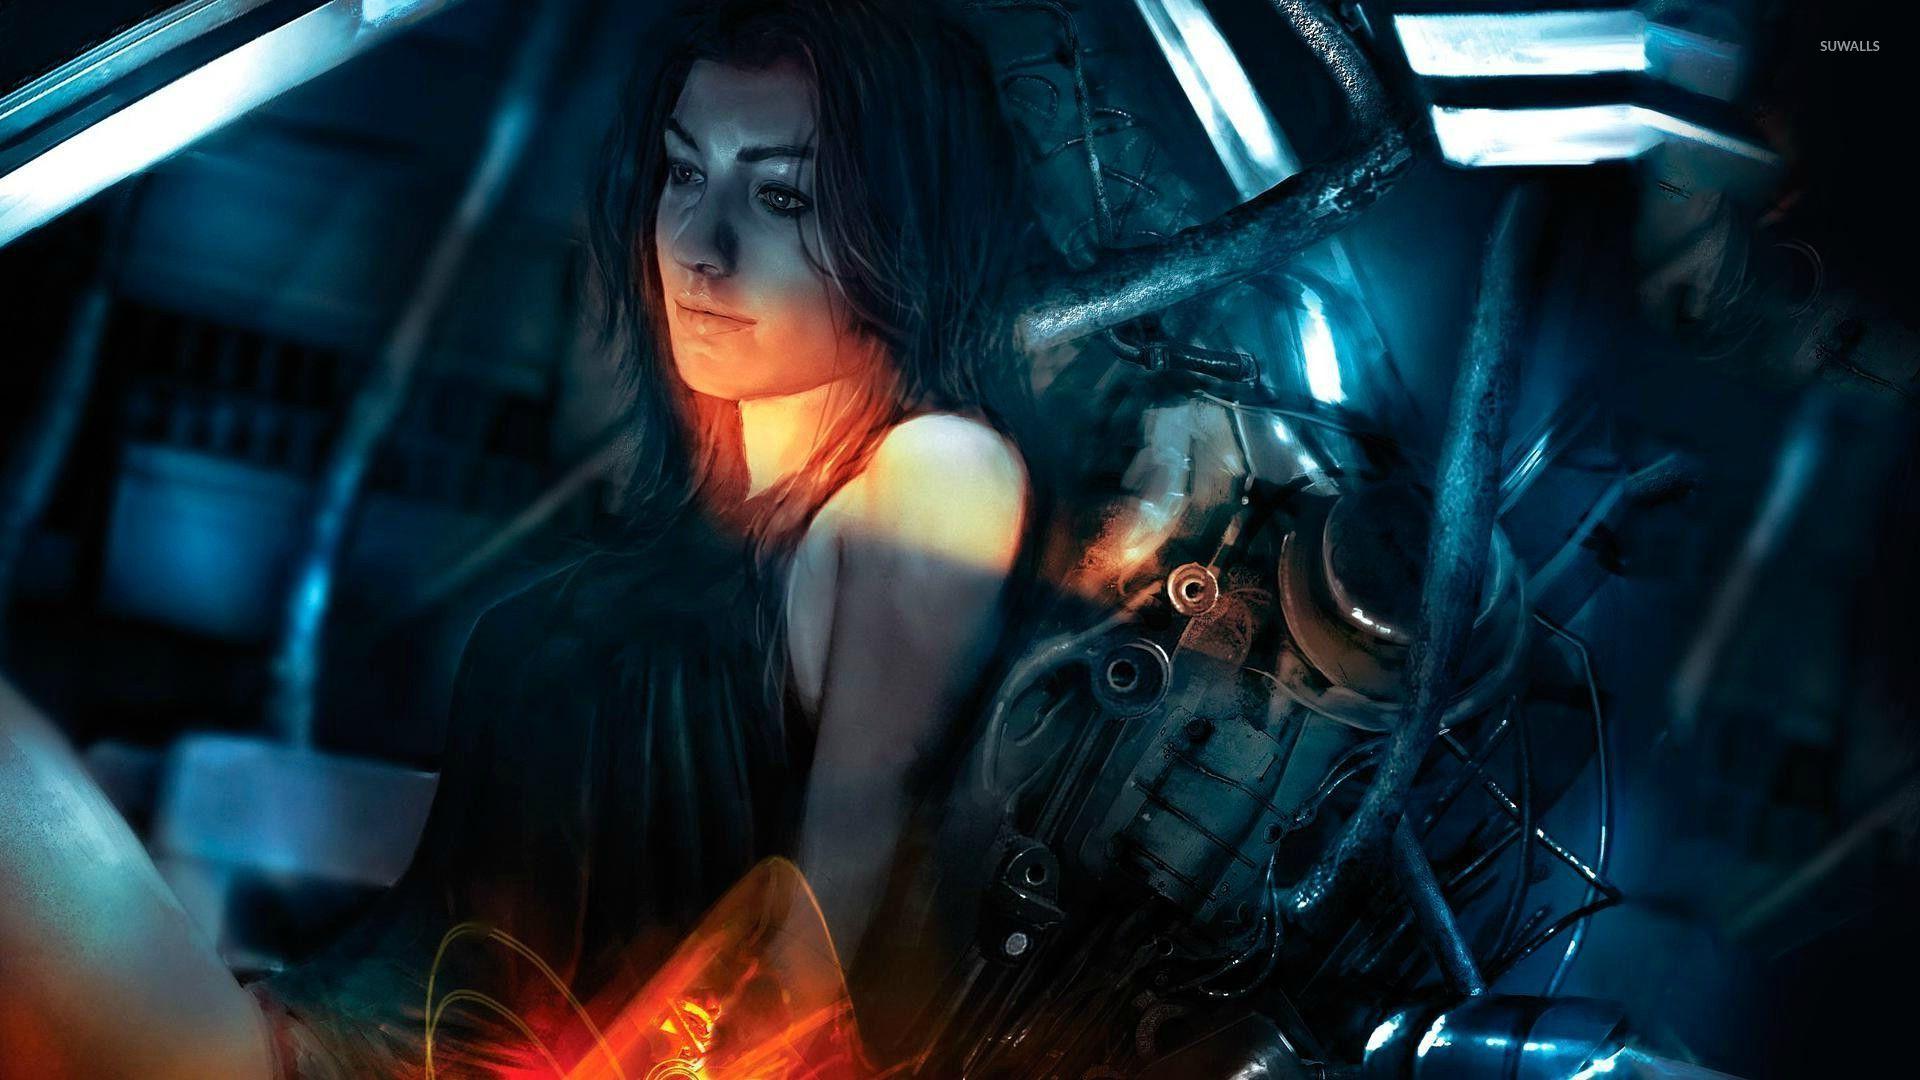 Mass Effect 3 5 Wallpaper Game Wallpapers 28512